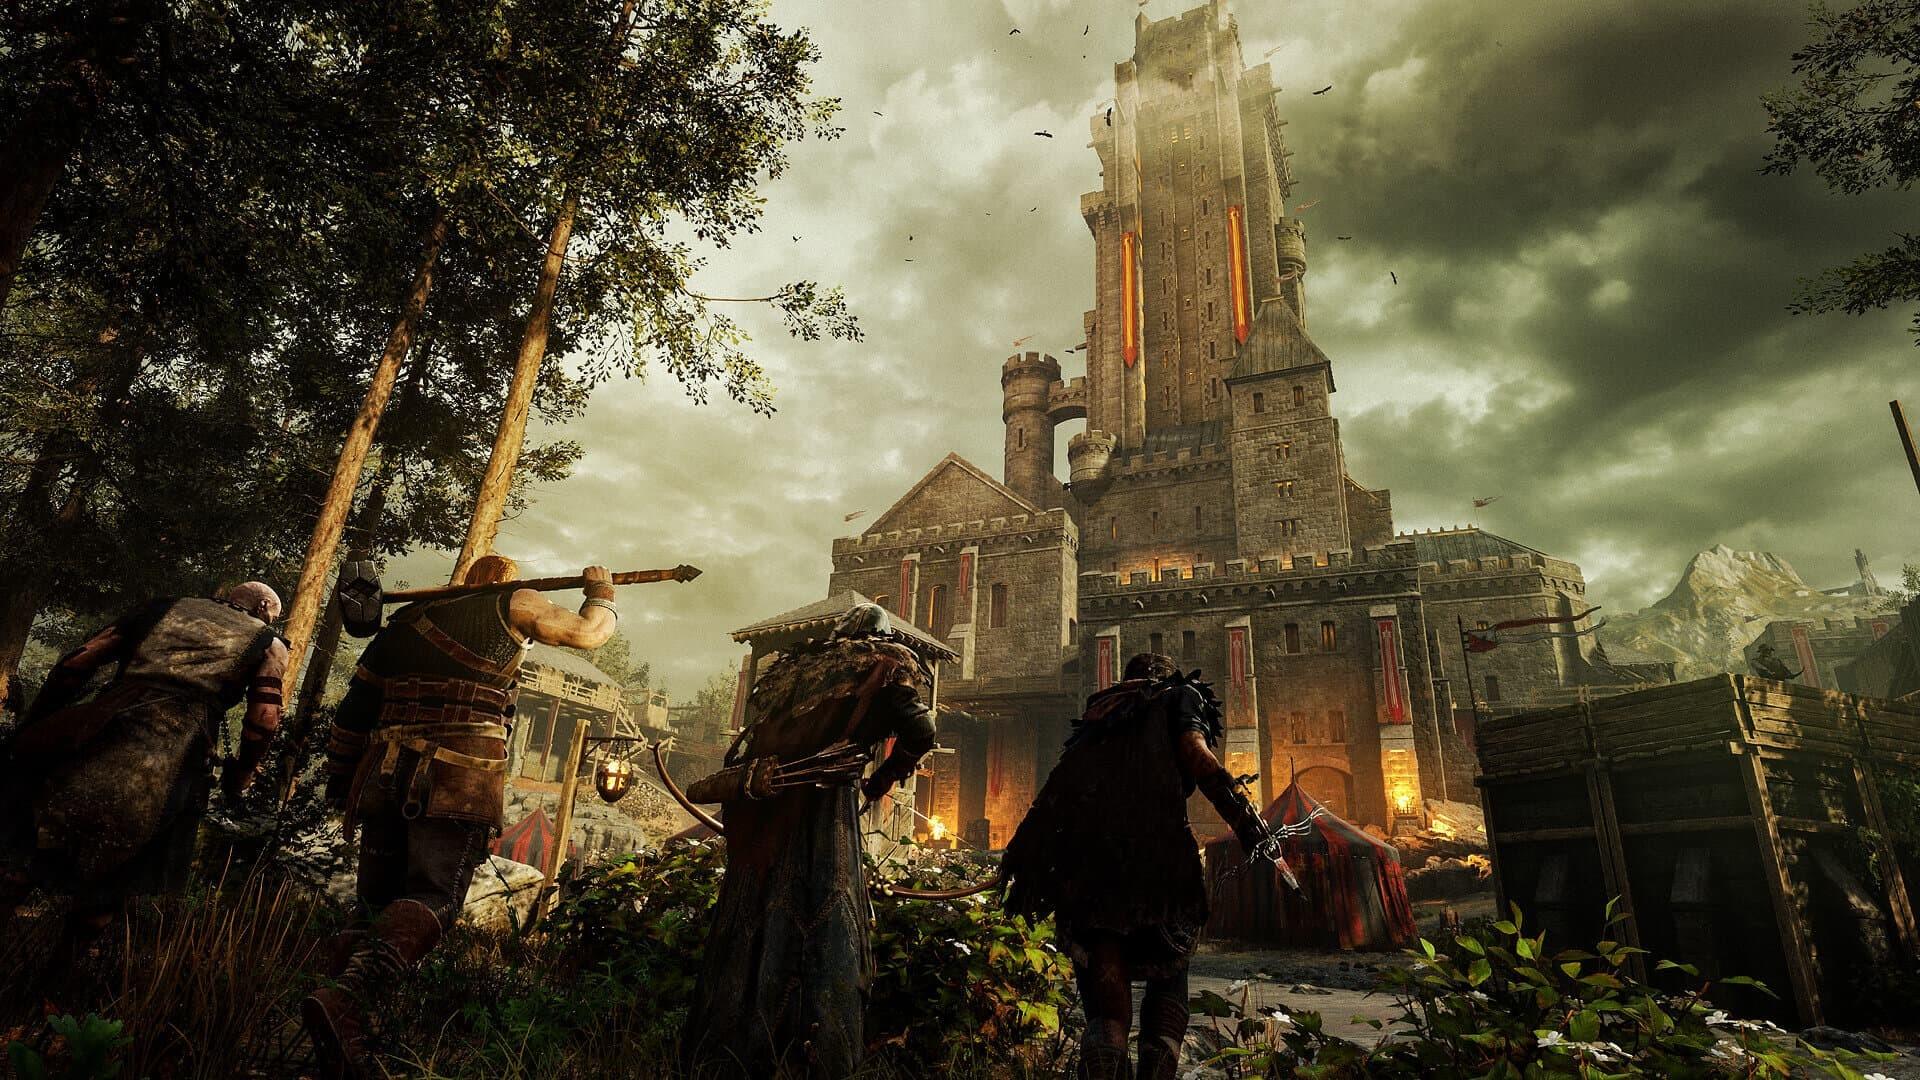 Hood Outlaw and Legends quattro giocatori e castello